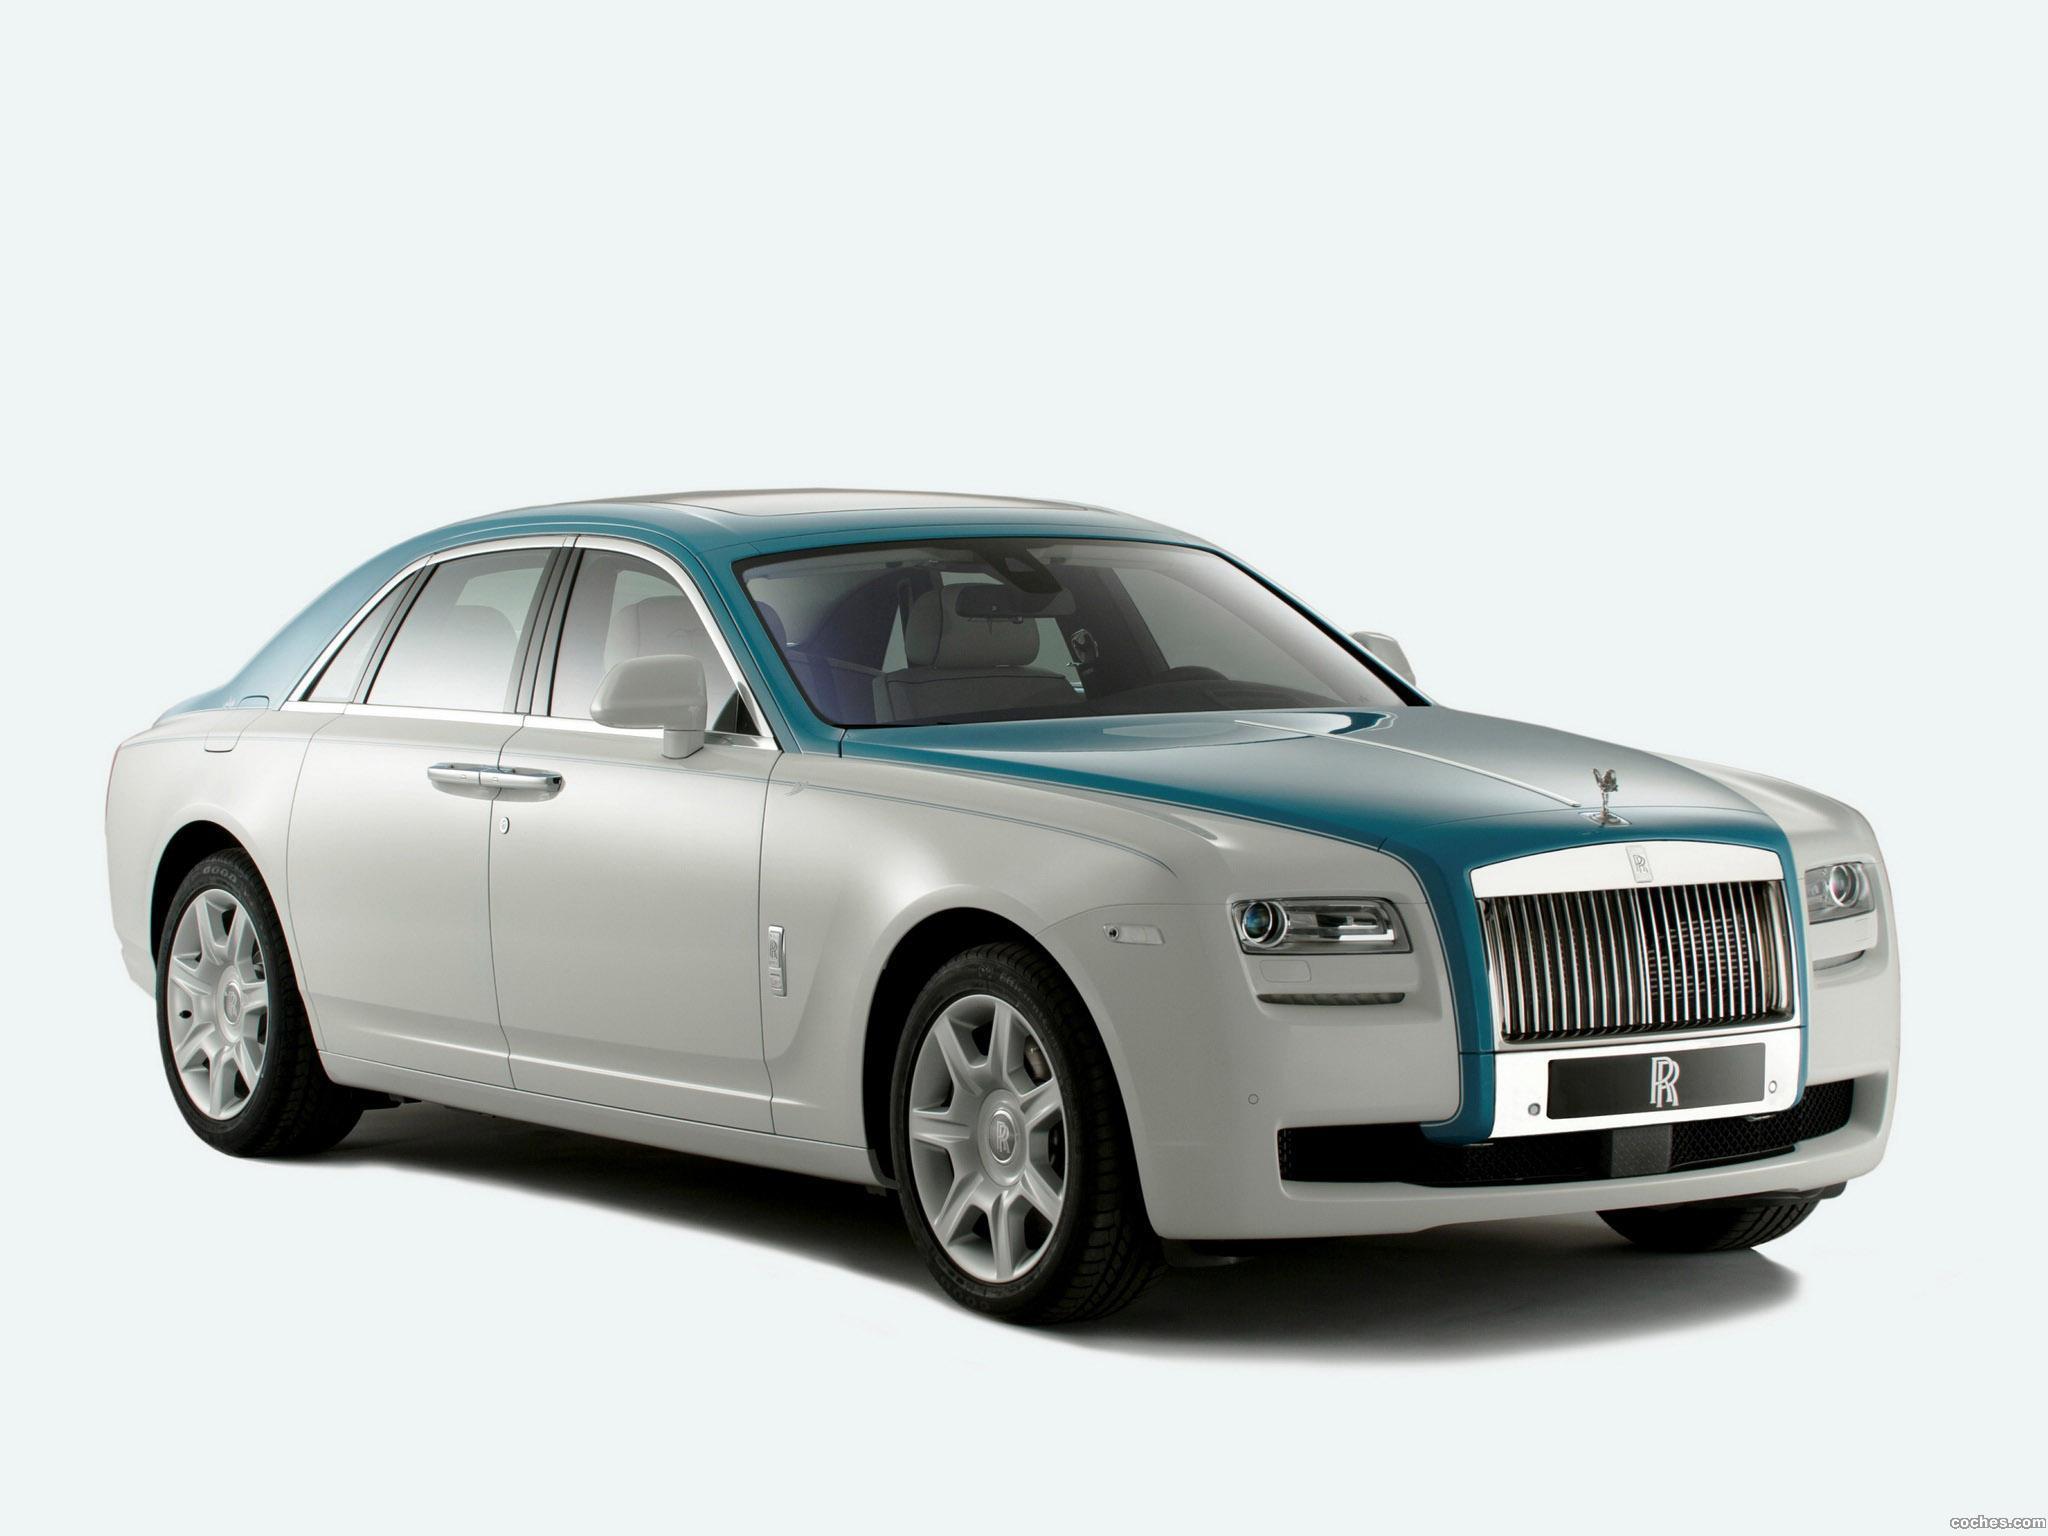 Foto 0 de Rolls Royce Ghost Firnas Motif 2012